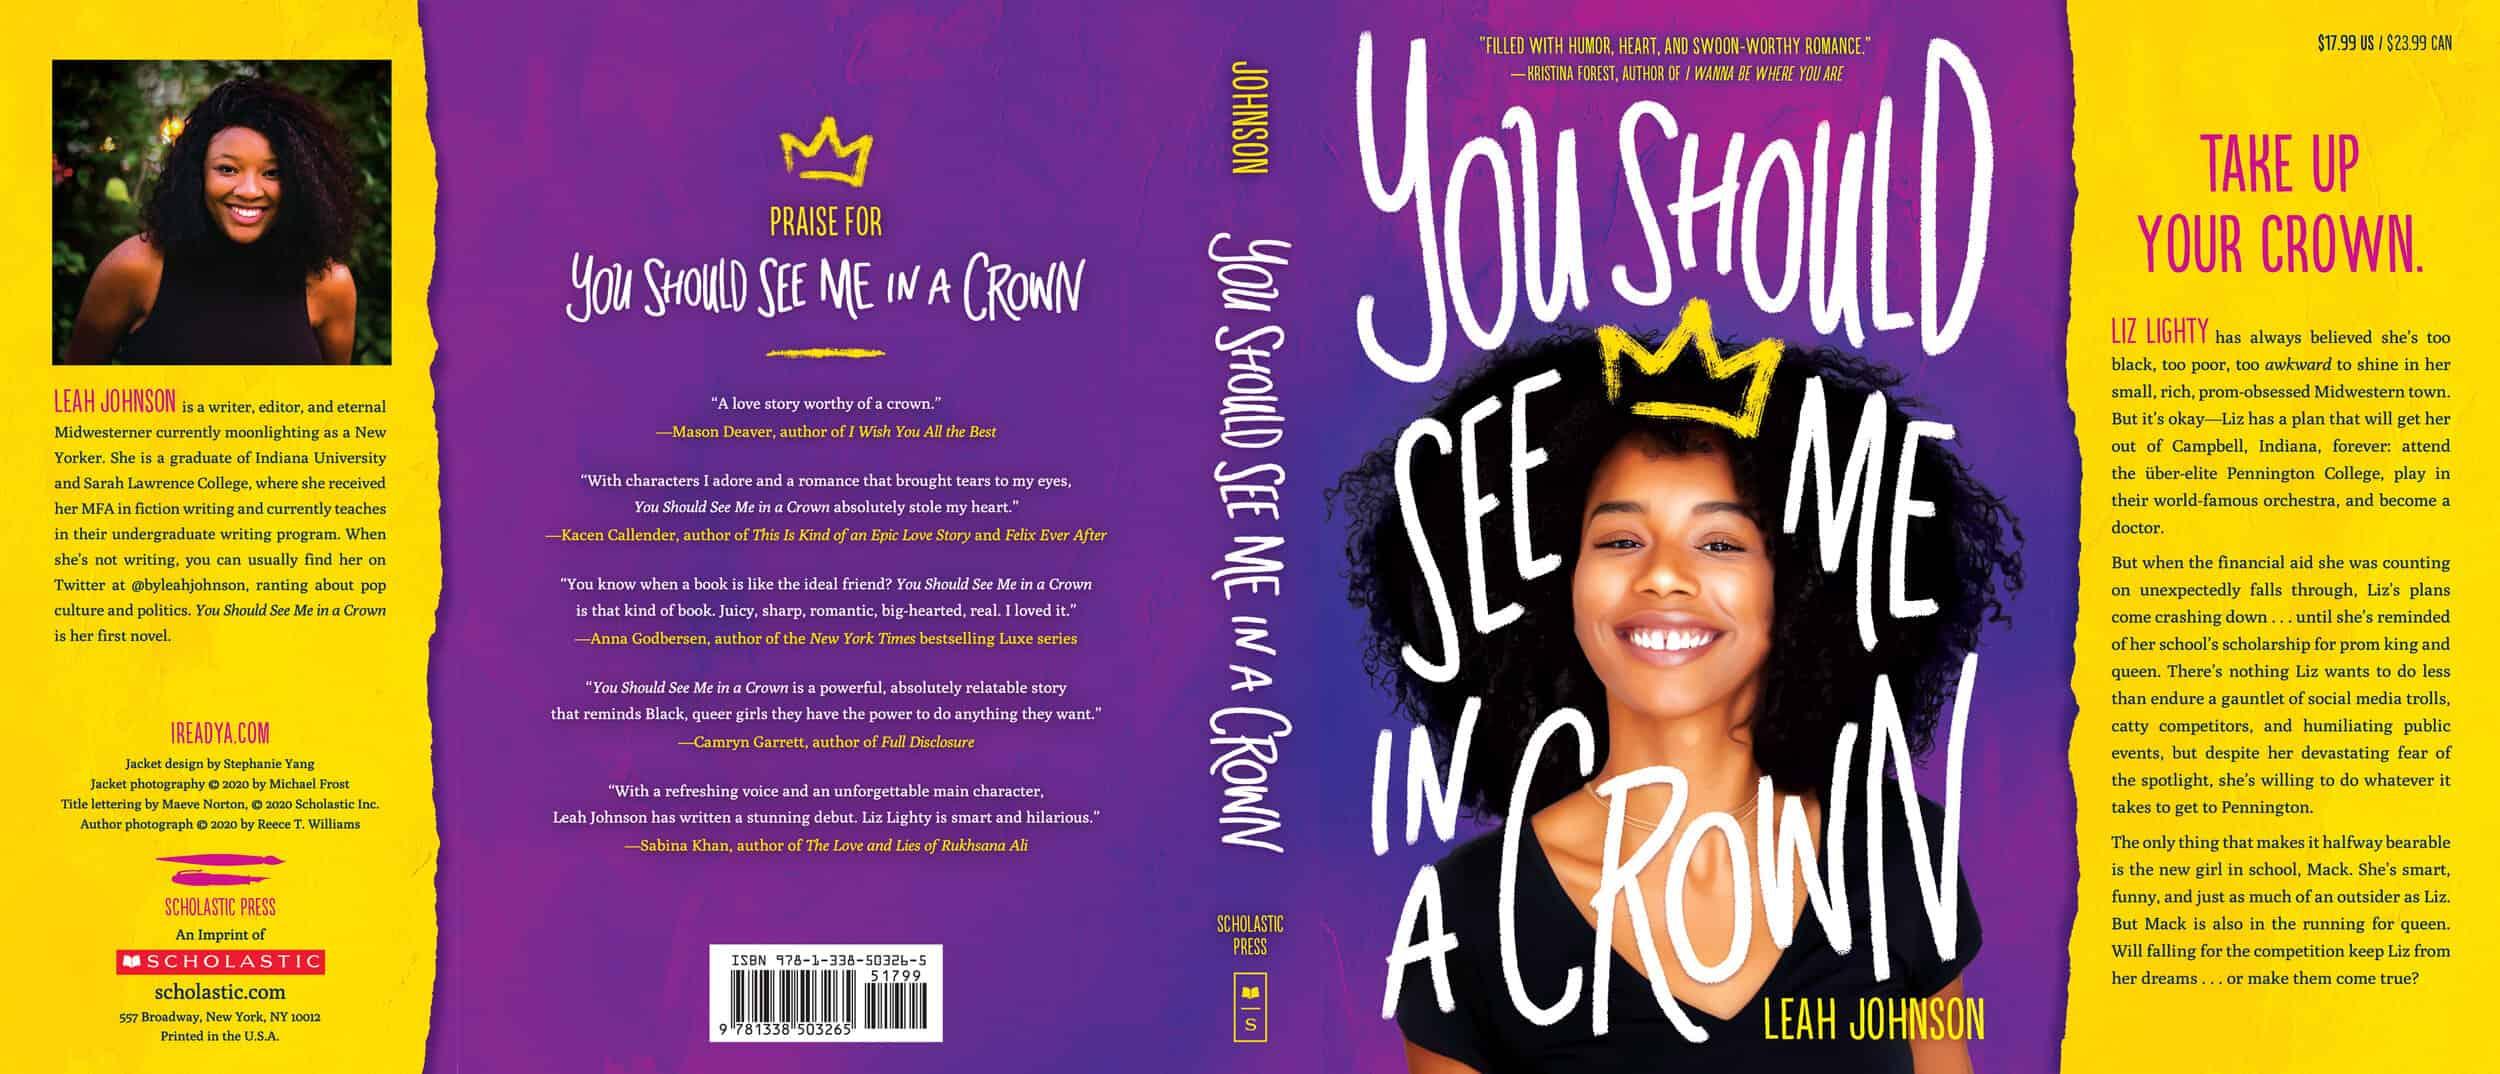 Leah Johnson novel cover